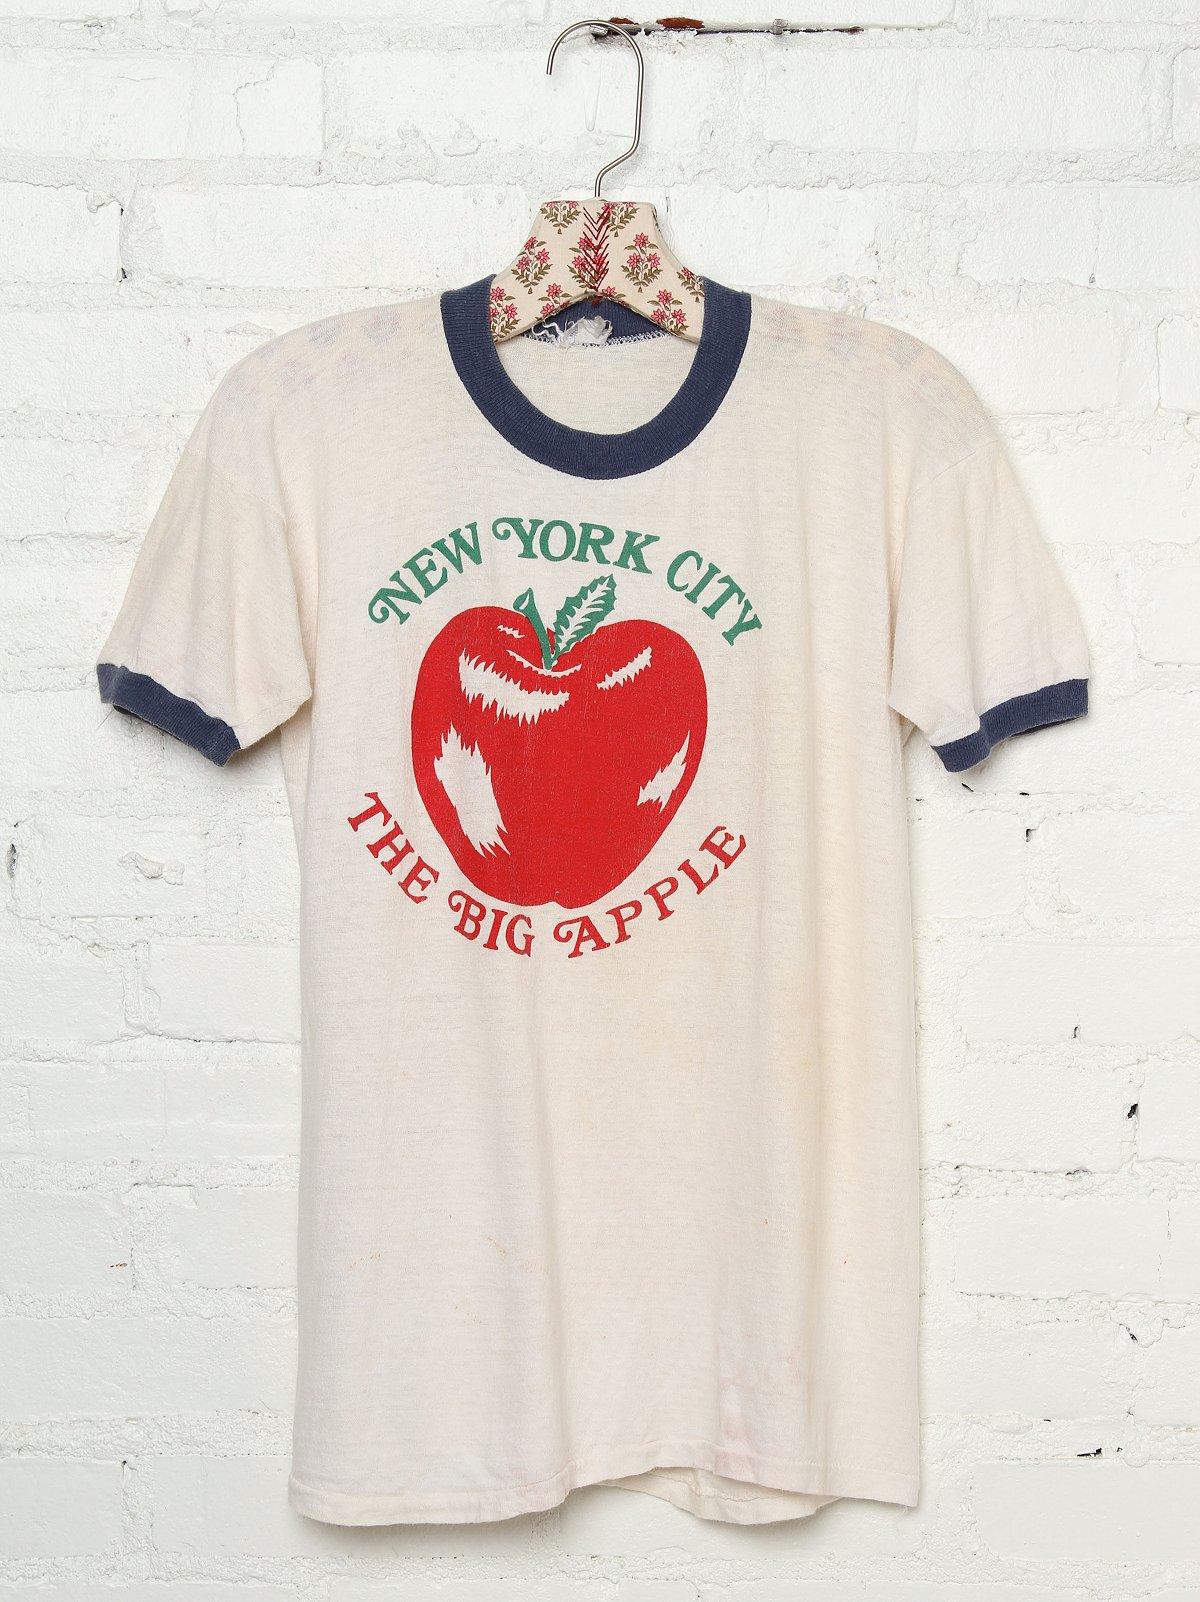 Vintage NYC The Big Apple Tee